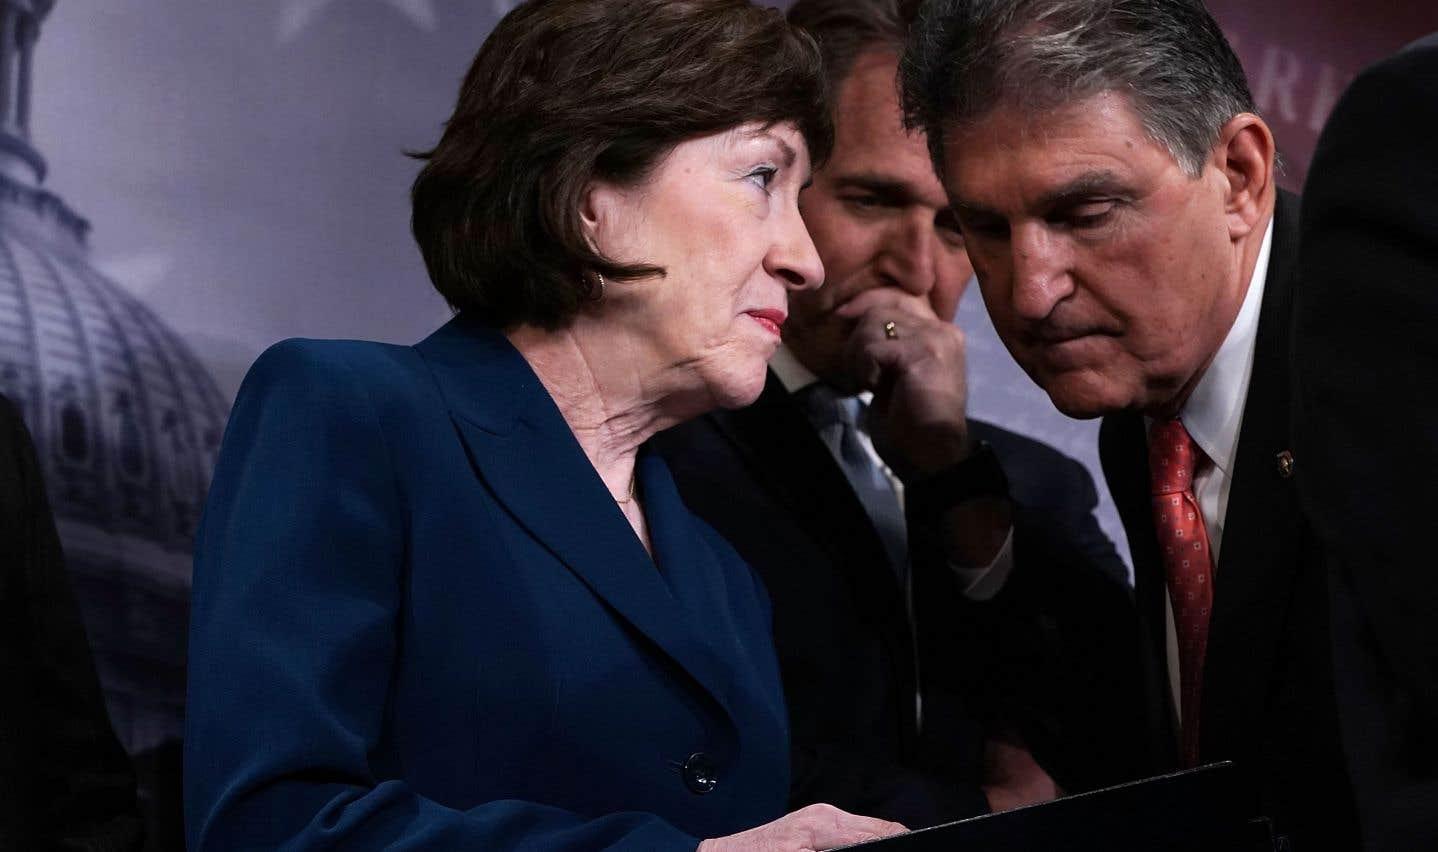 Le projet de loi, rédigé par une coalition d'élus centristes, a été rejeté par les deux camps du Sénat américain.